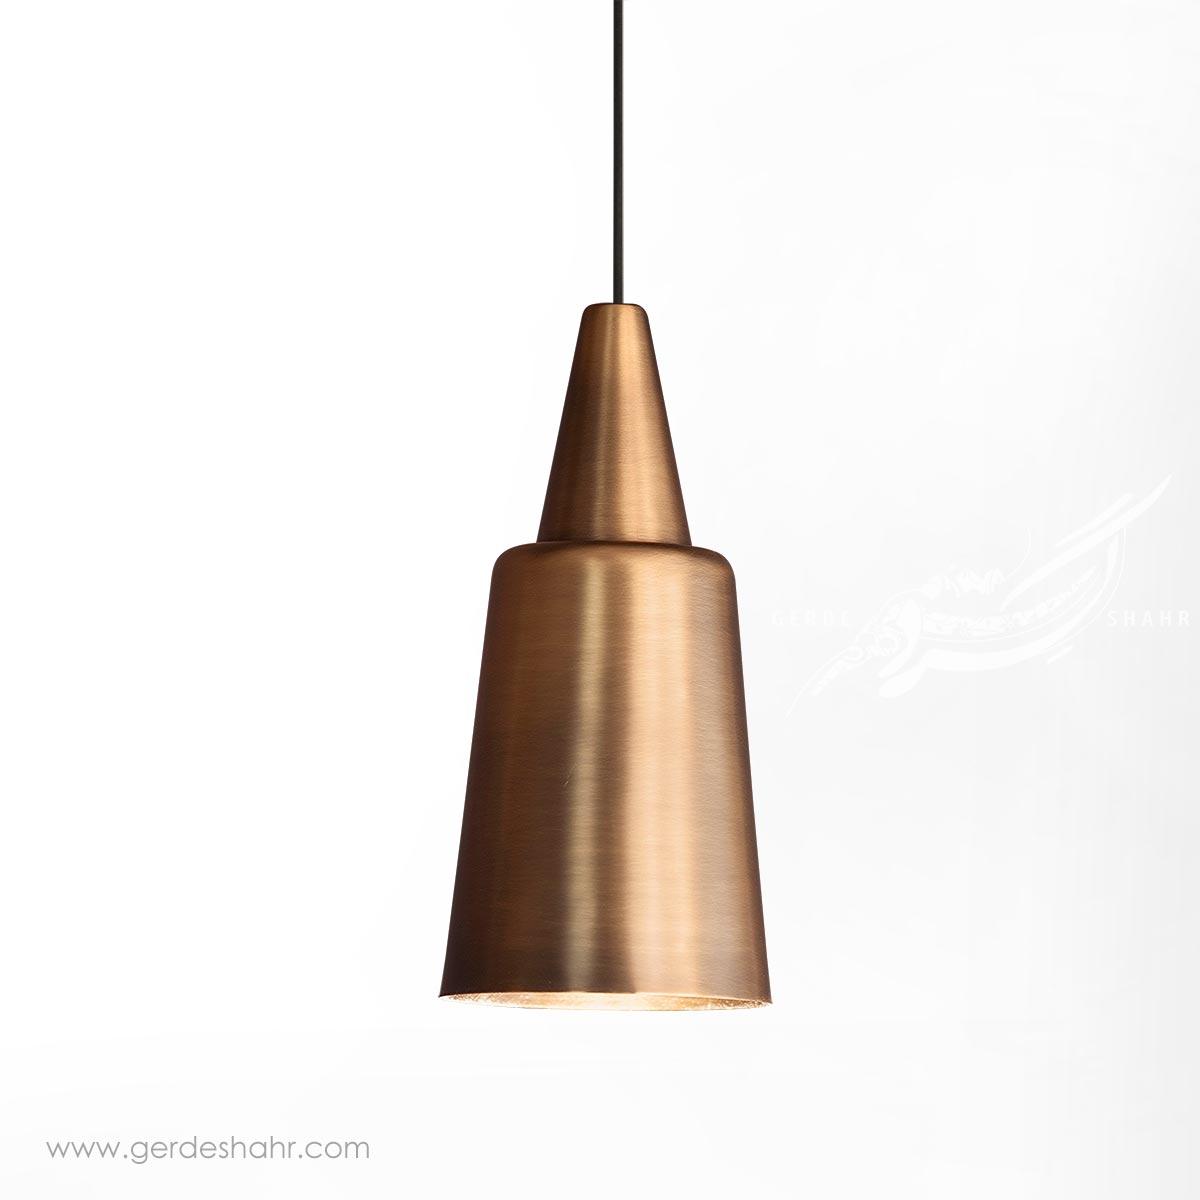 آویز روشنایی مسی سماع کوچک تیروژ محصولات